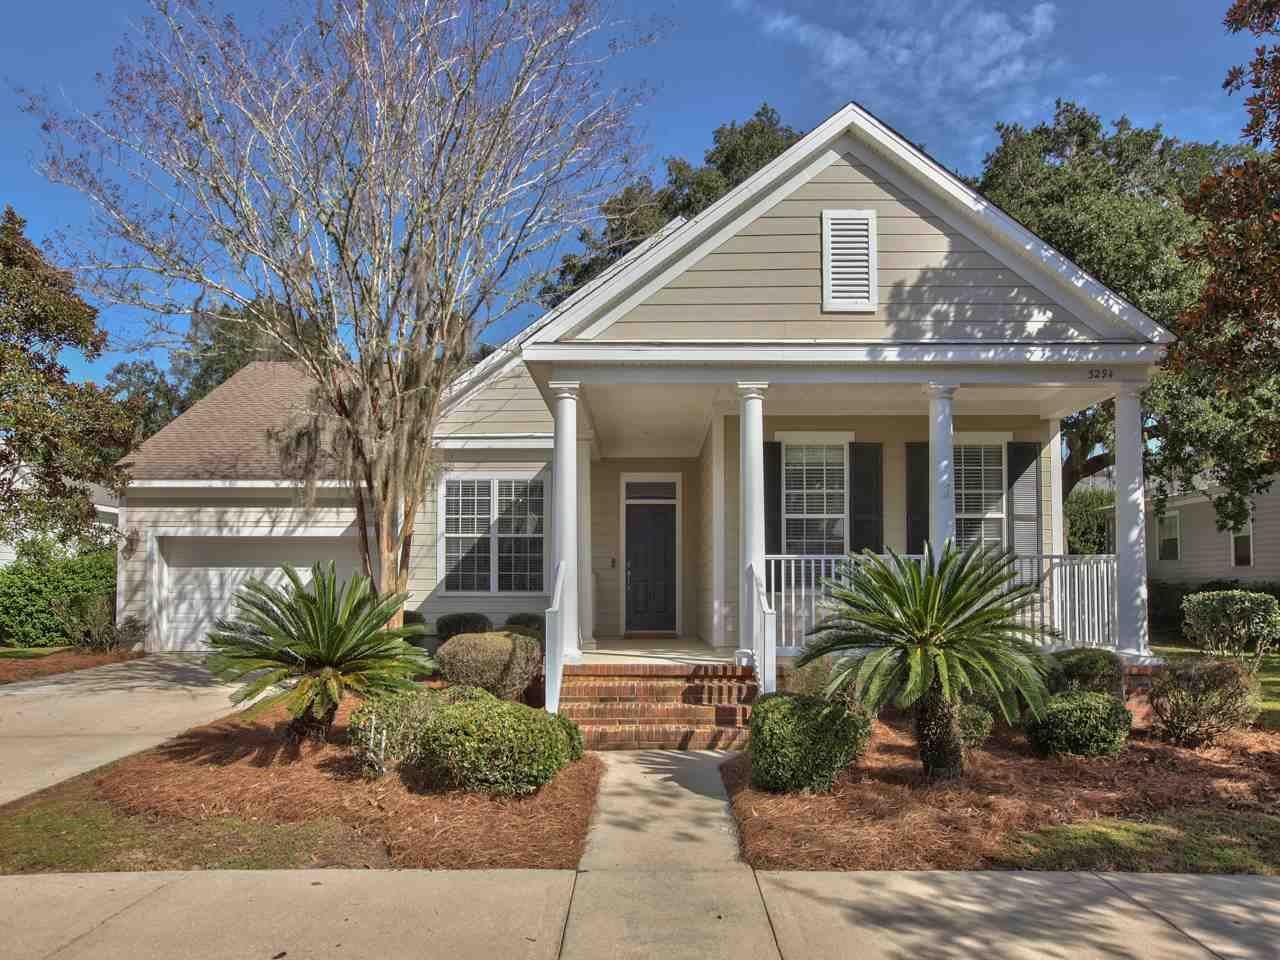 3294 SALINGER Way, Tallahassee, FL 32311 - MLS#: 324903